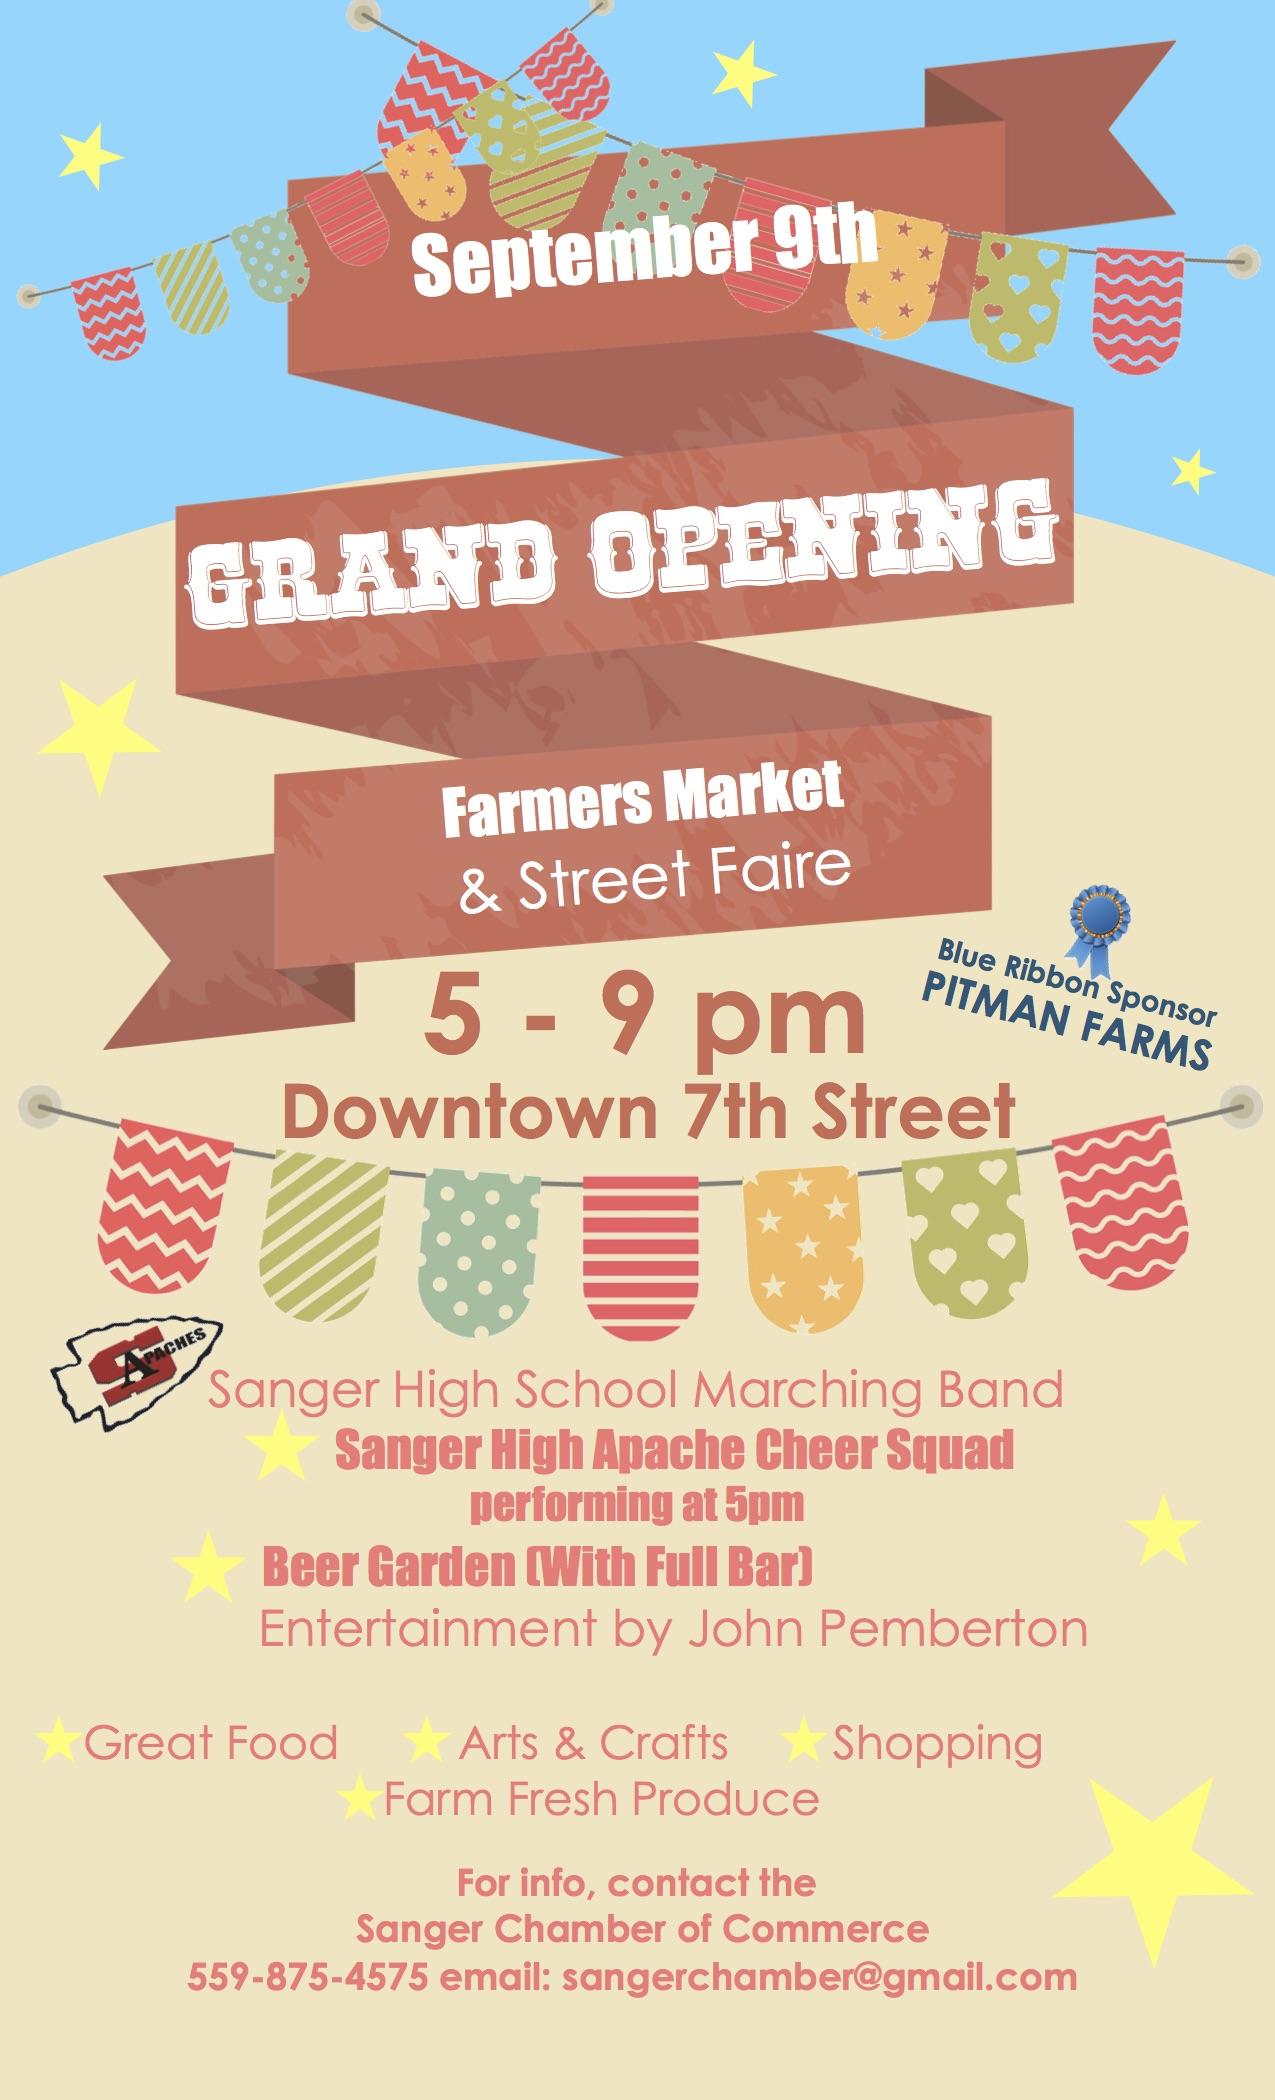 Sanger Chamber of Commerce Farmers Market & Street Faire